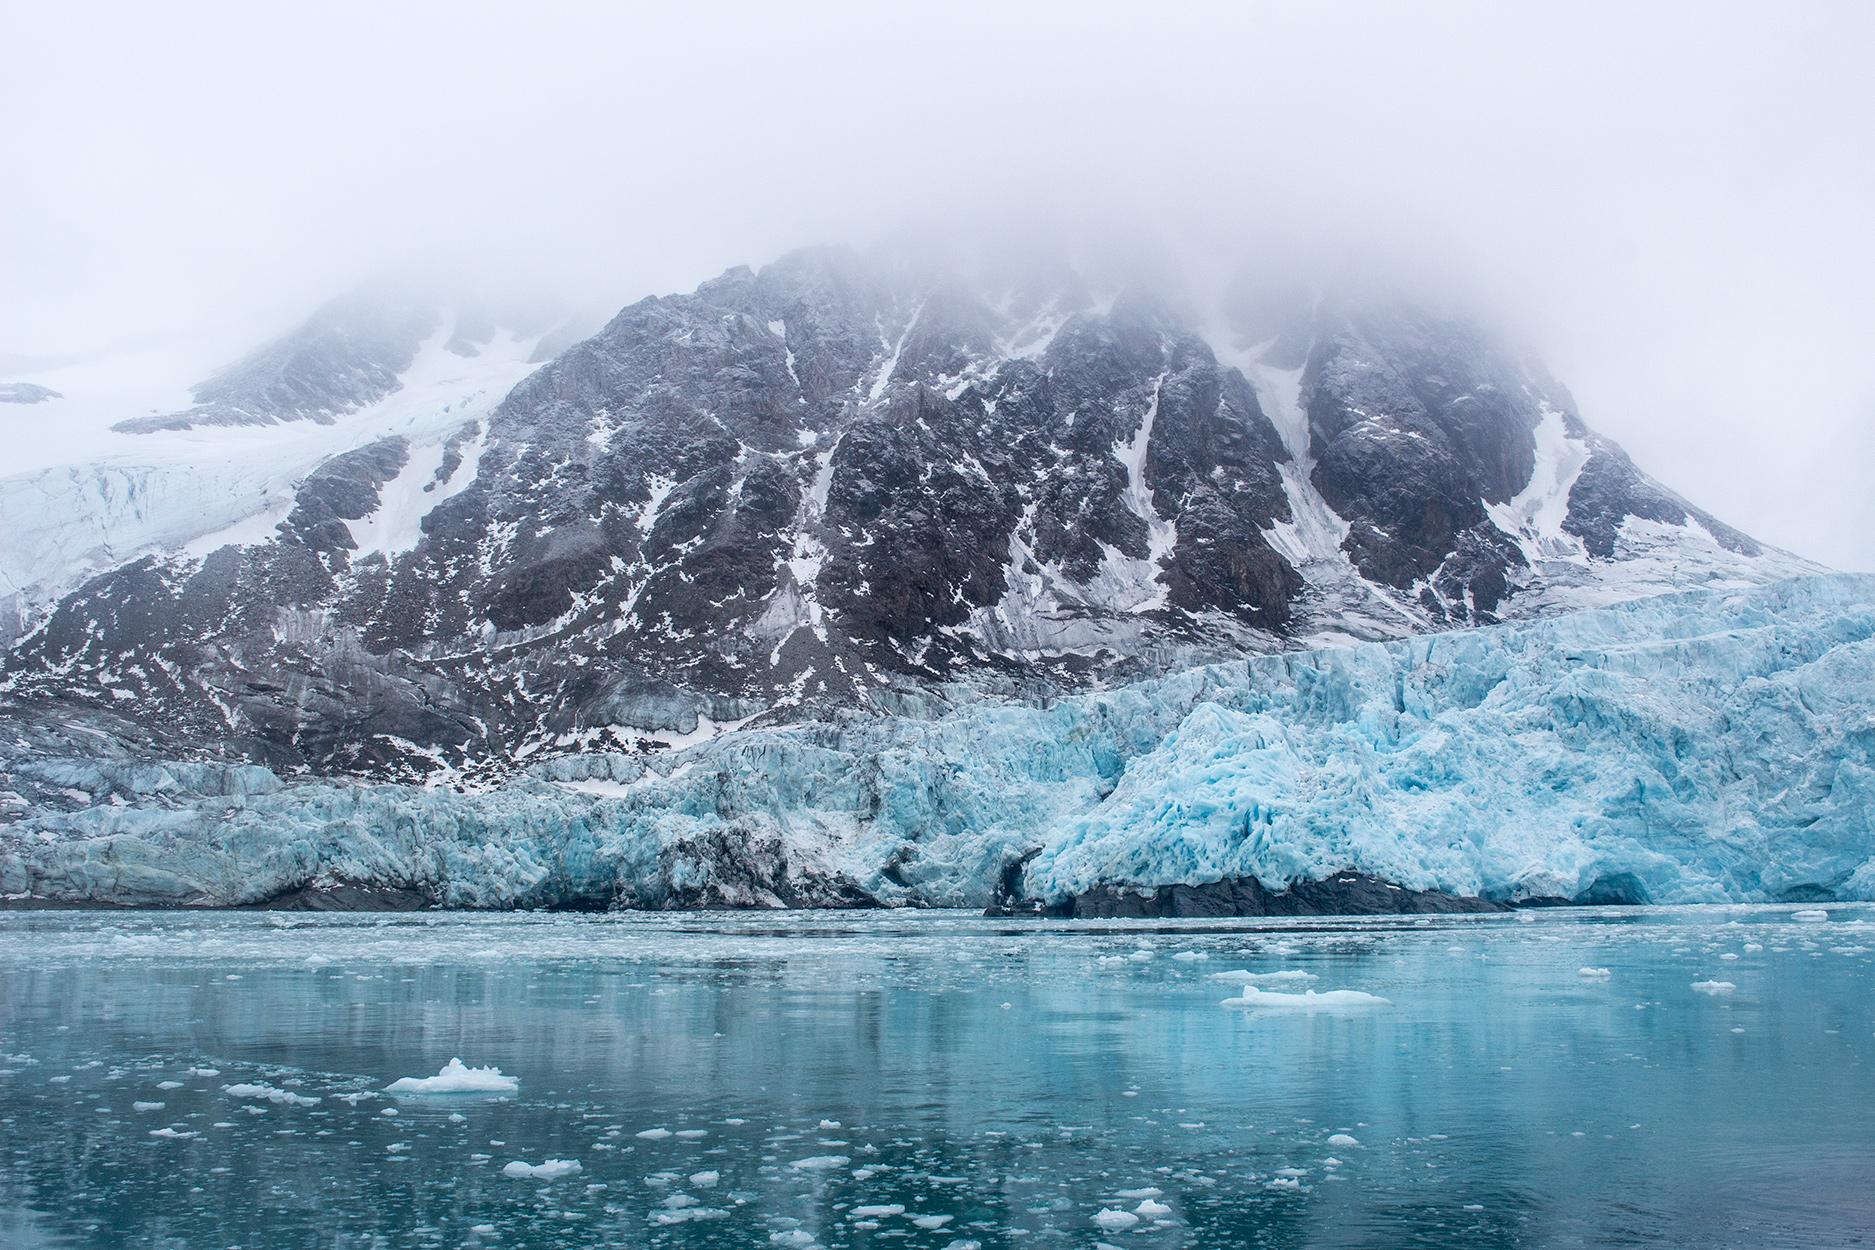 Svidjotbreen Glacier in Fuglefjorden, Svalbard